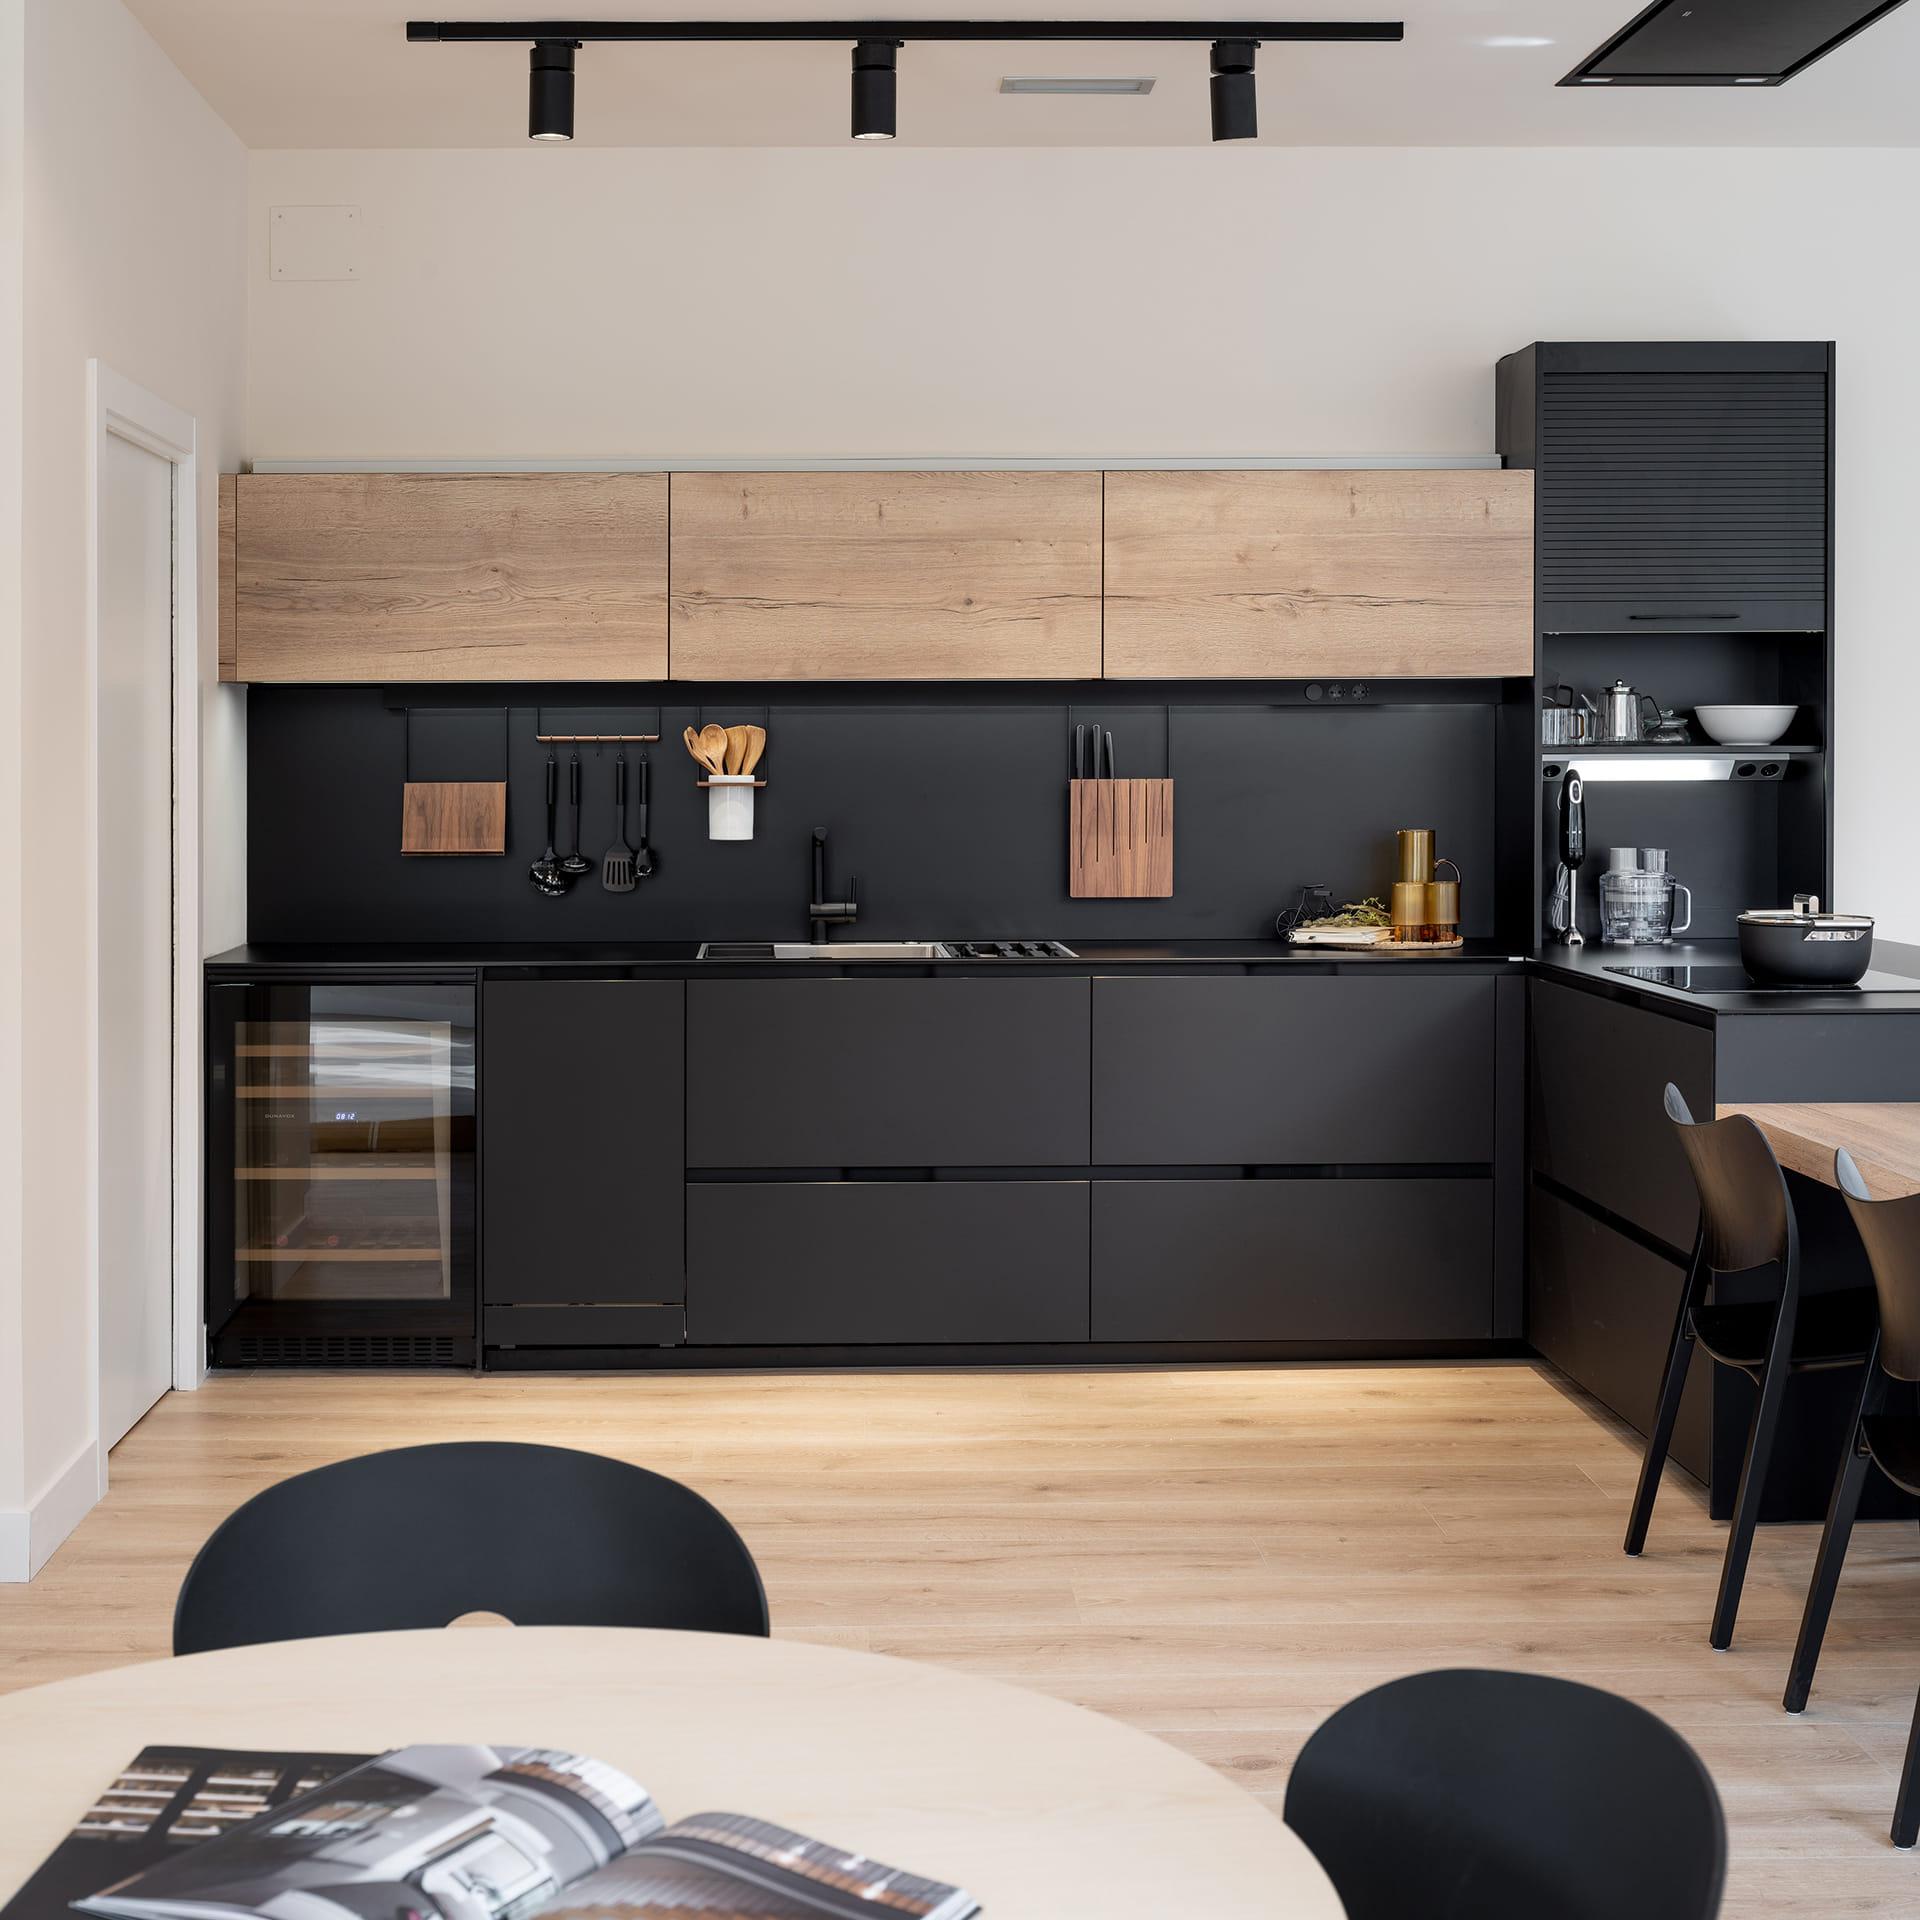 Cozinha preta e madeira em exposição Santos em Vizcaya